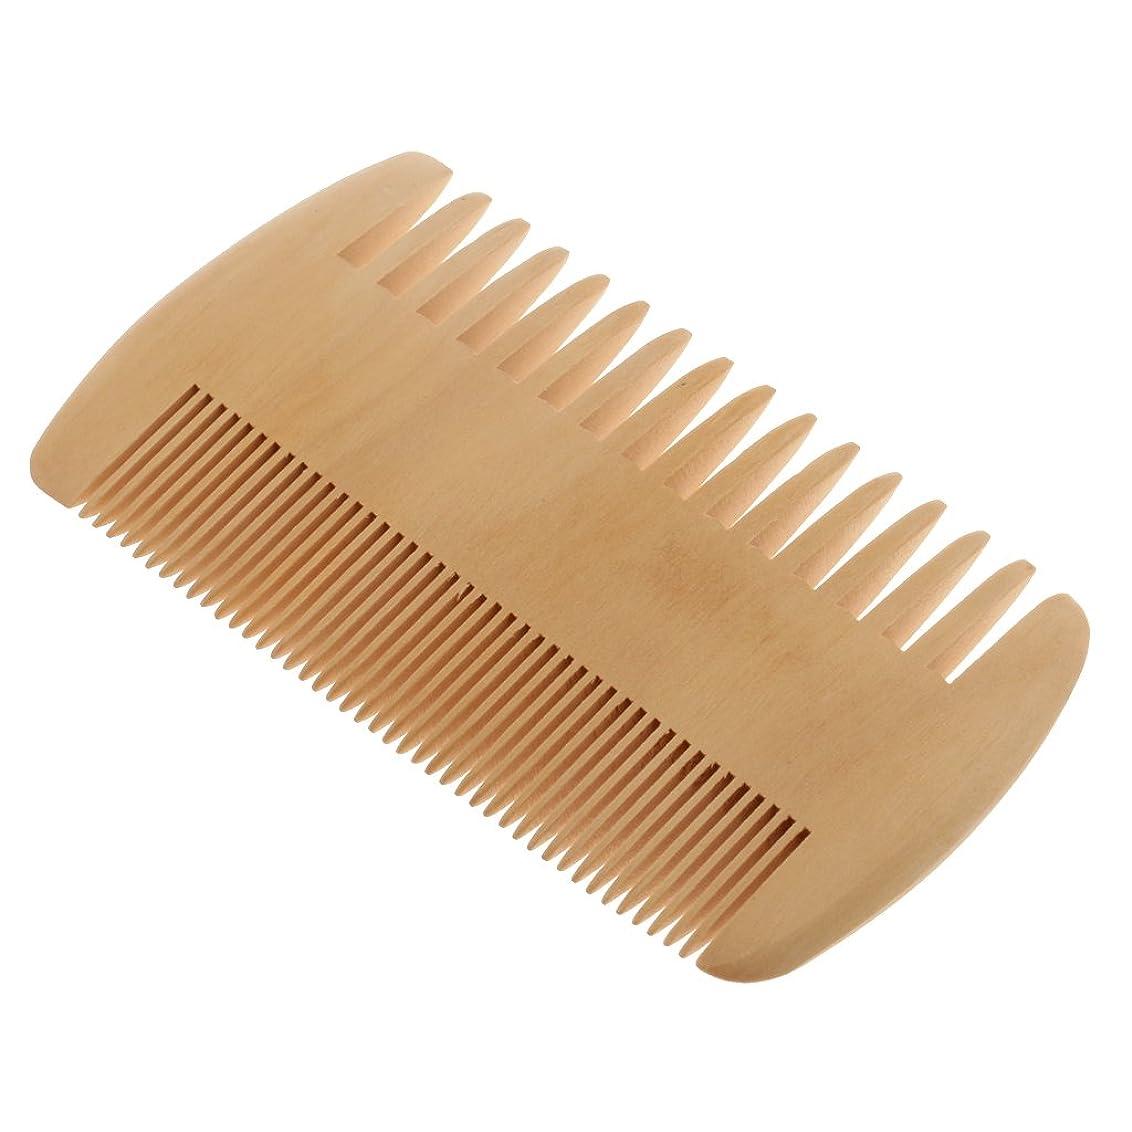 カニポイントハチCUTICATE 木製コーム 木製櫛 ヘアブラシ 帯電防止櫛 ポケットコーム ヘアスタイリング 用品